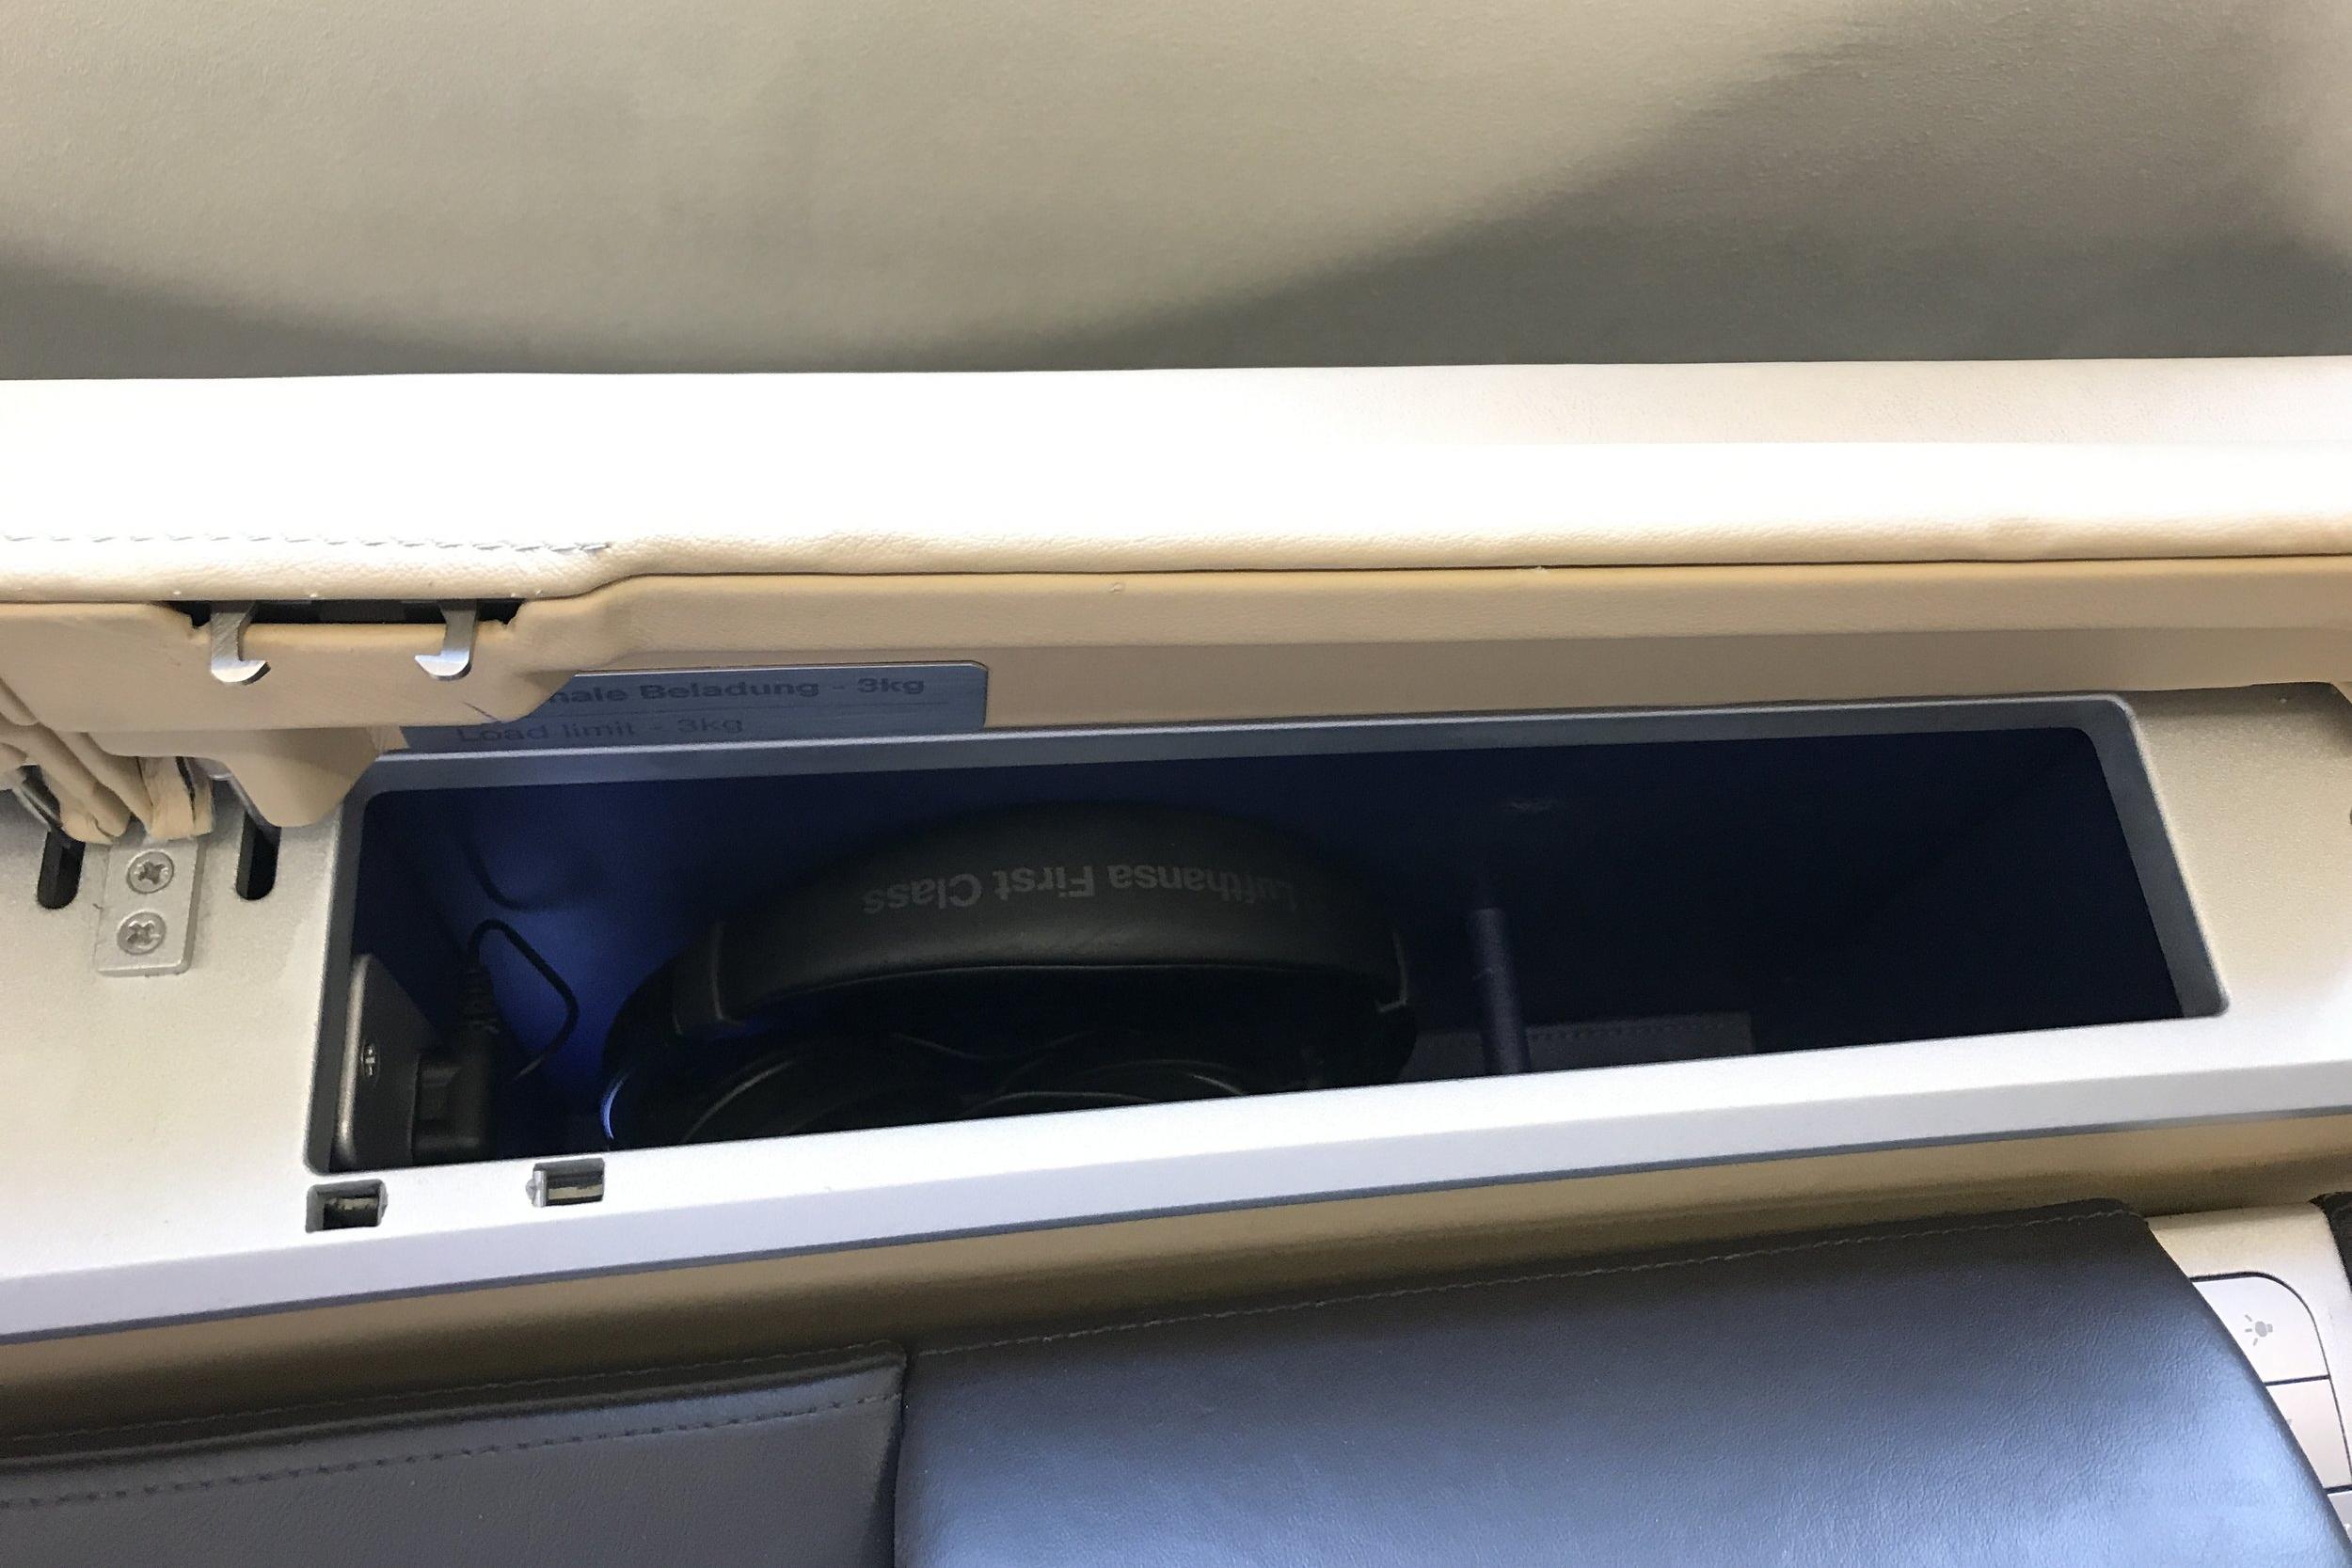 Lufthansa First Class – Headphones